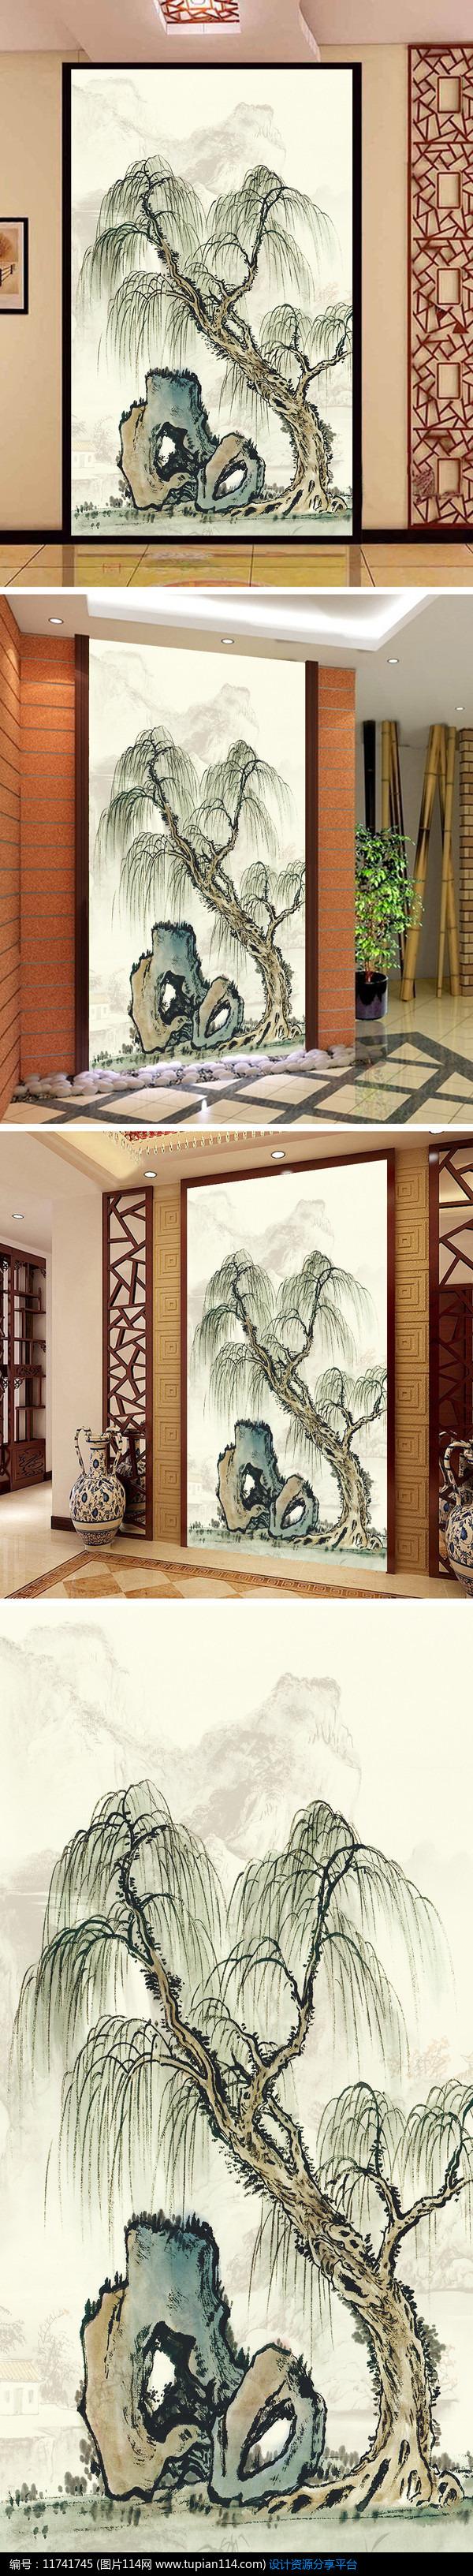 玄关背景墙 中国 画山水 画水墨画玄关装饰 画 纯 手绘望岳风景油 画